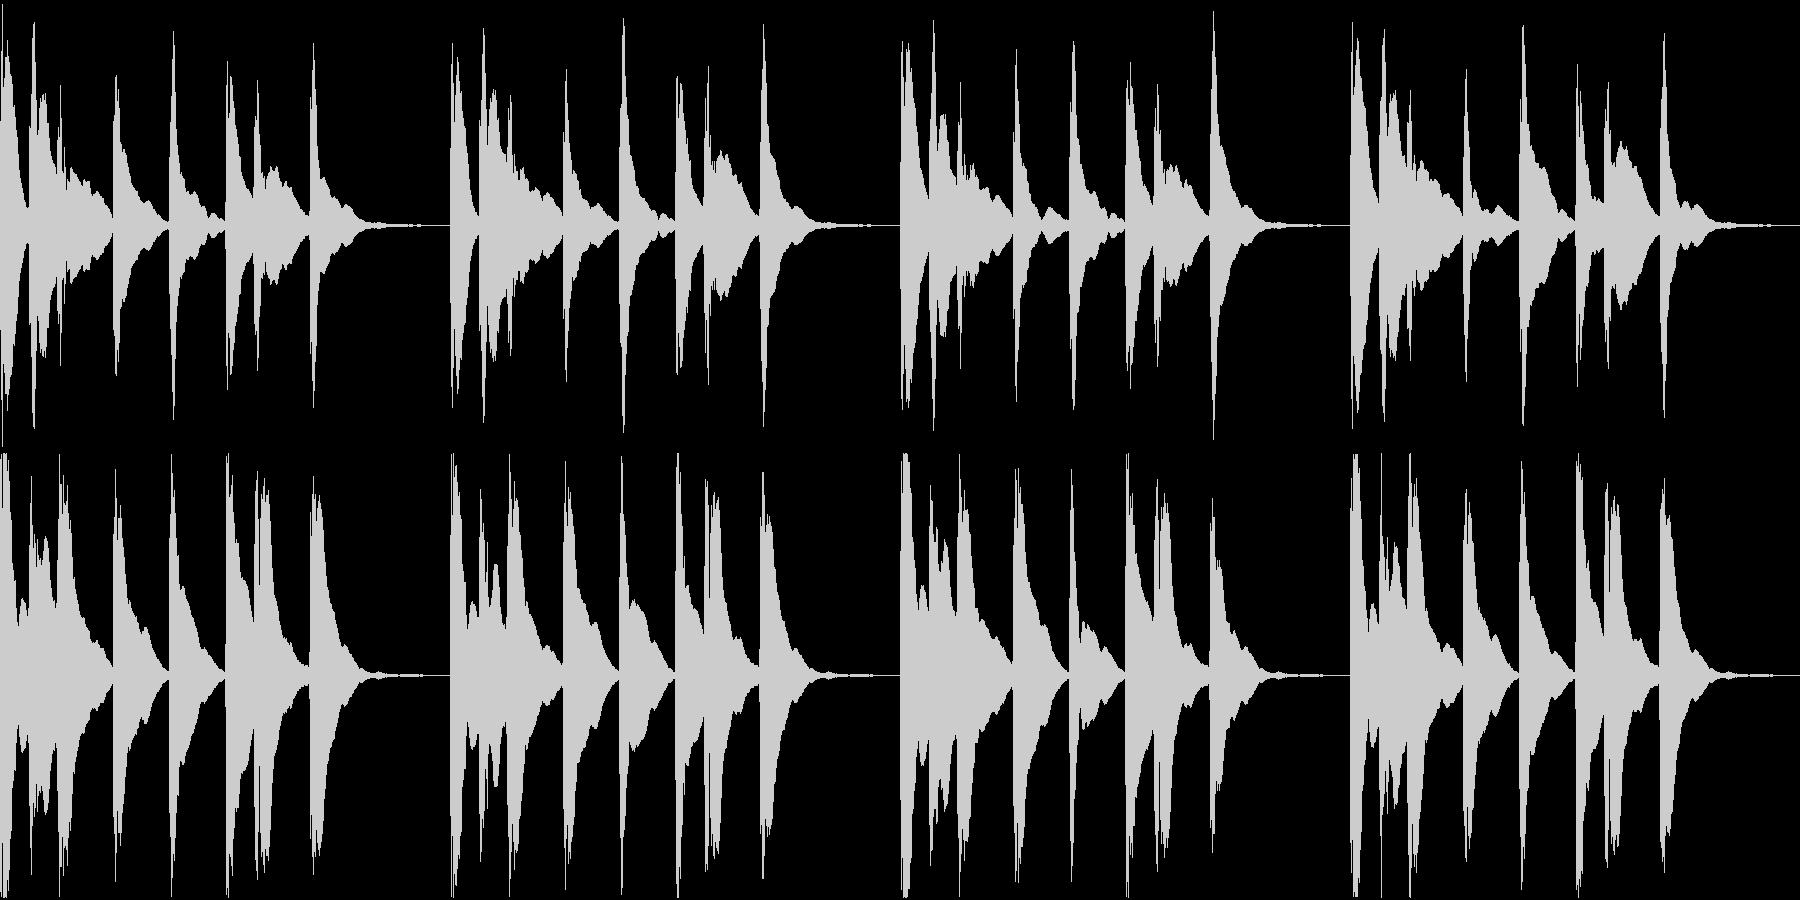 シンプル ベル 着信音 チャイム C-4の未再生の波形